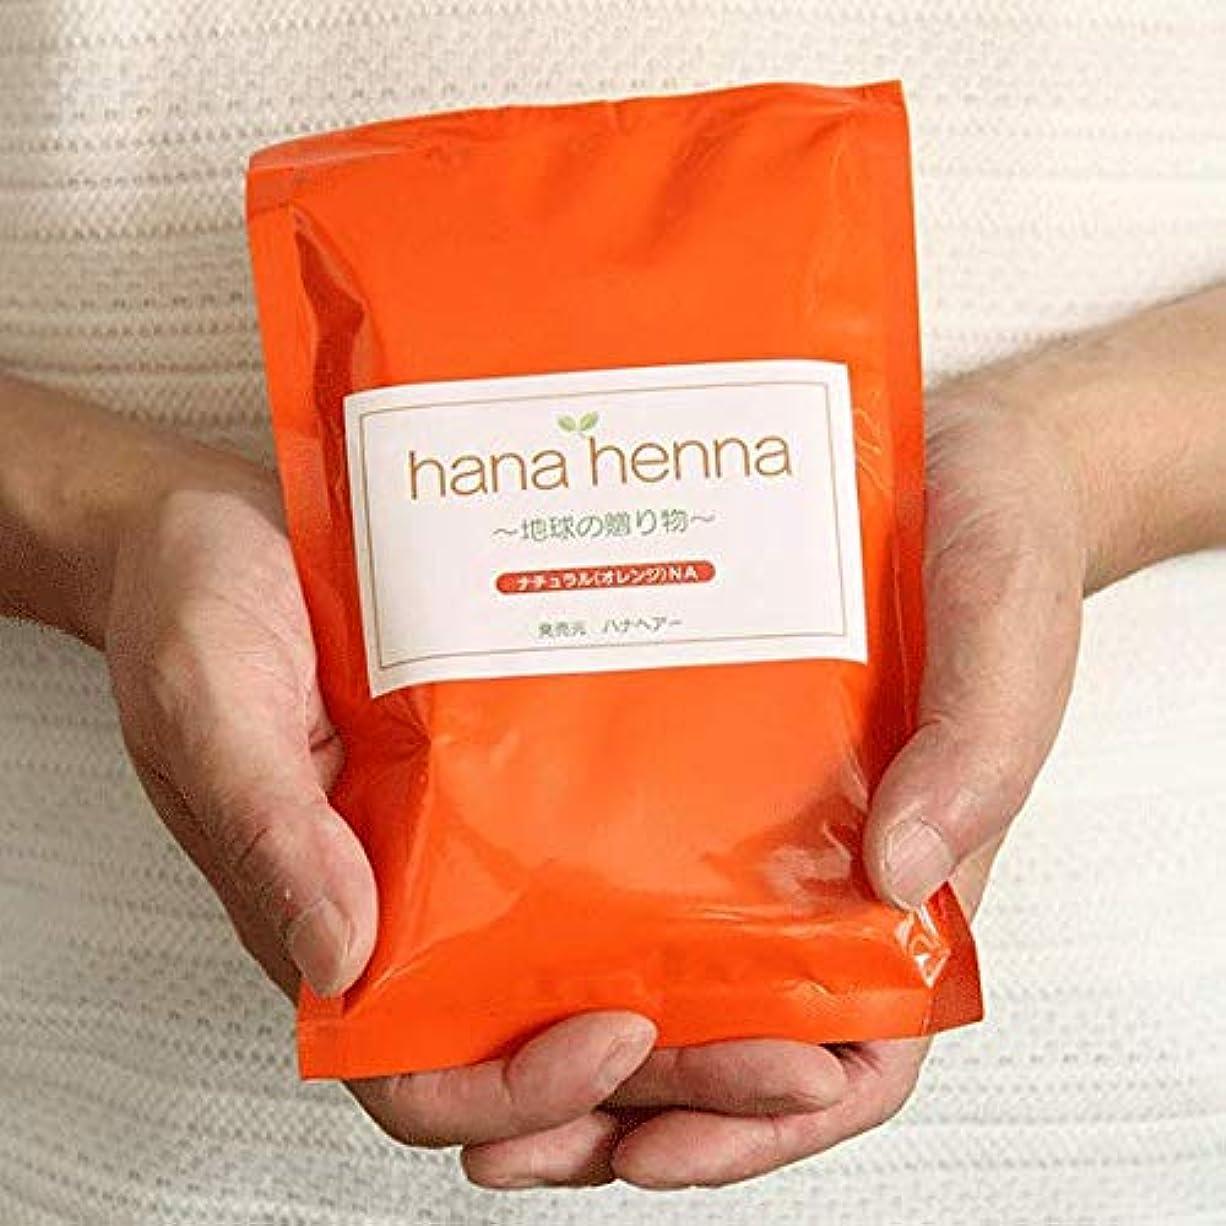 光のそんなにブランク?hana henna?ハナヘナ ナチュラル(オレンジ) 500g